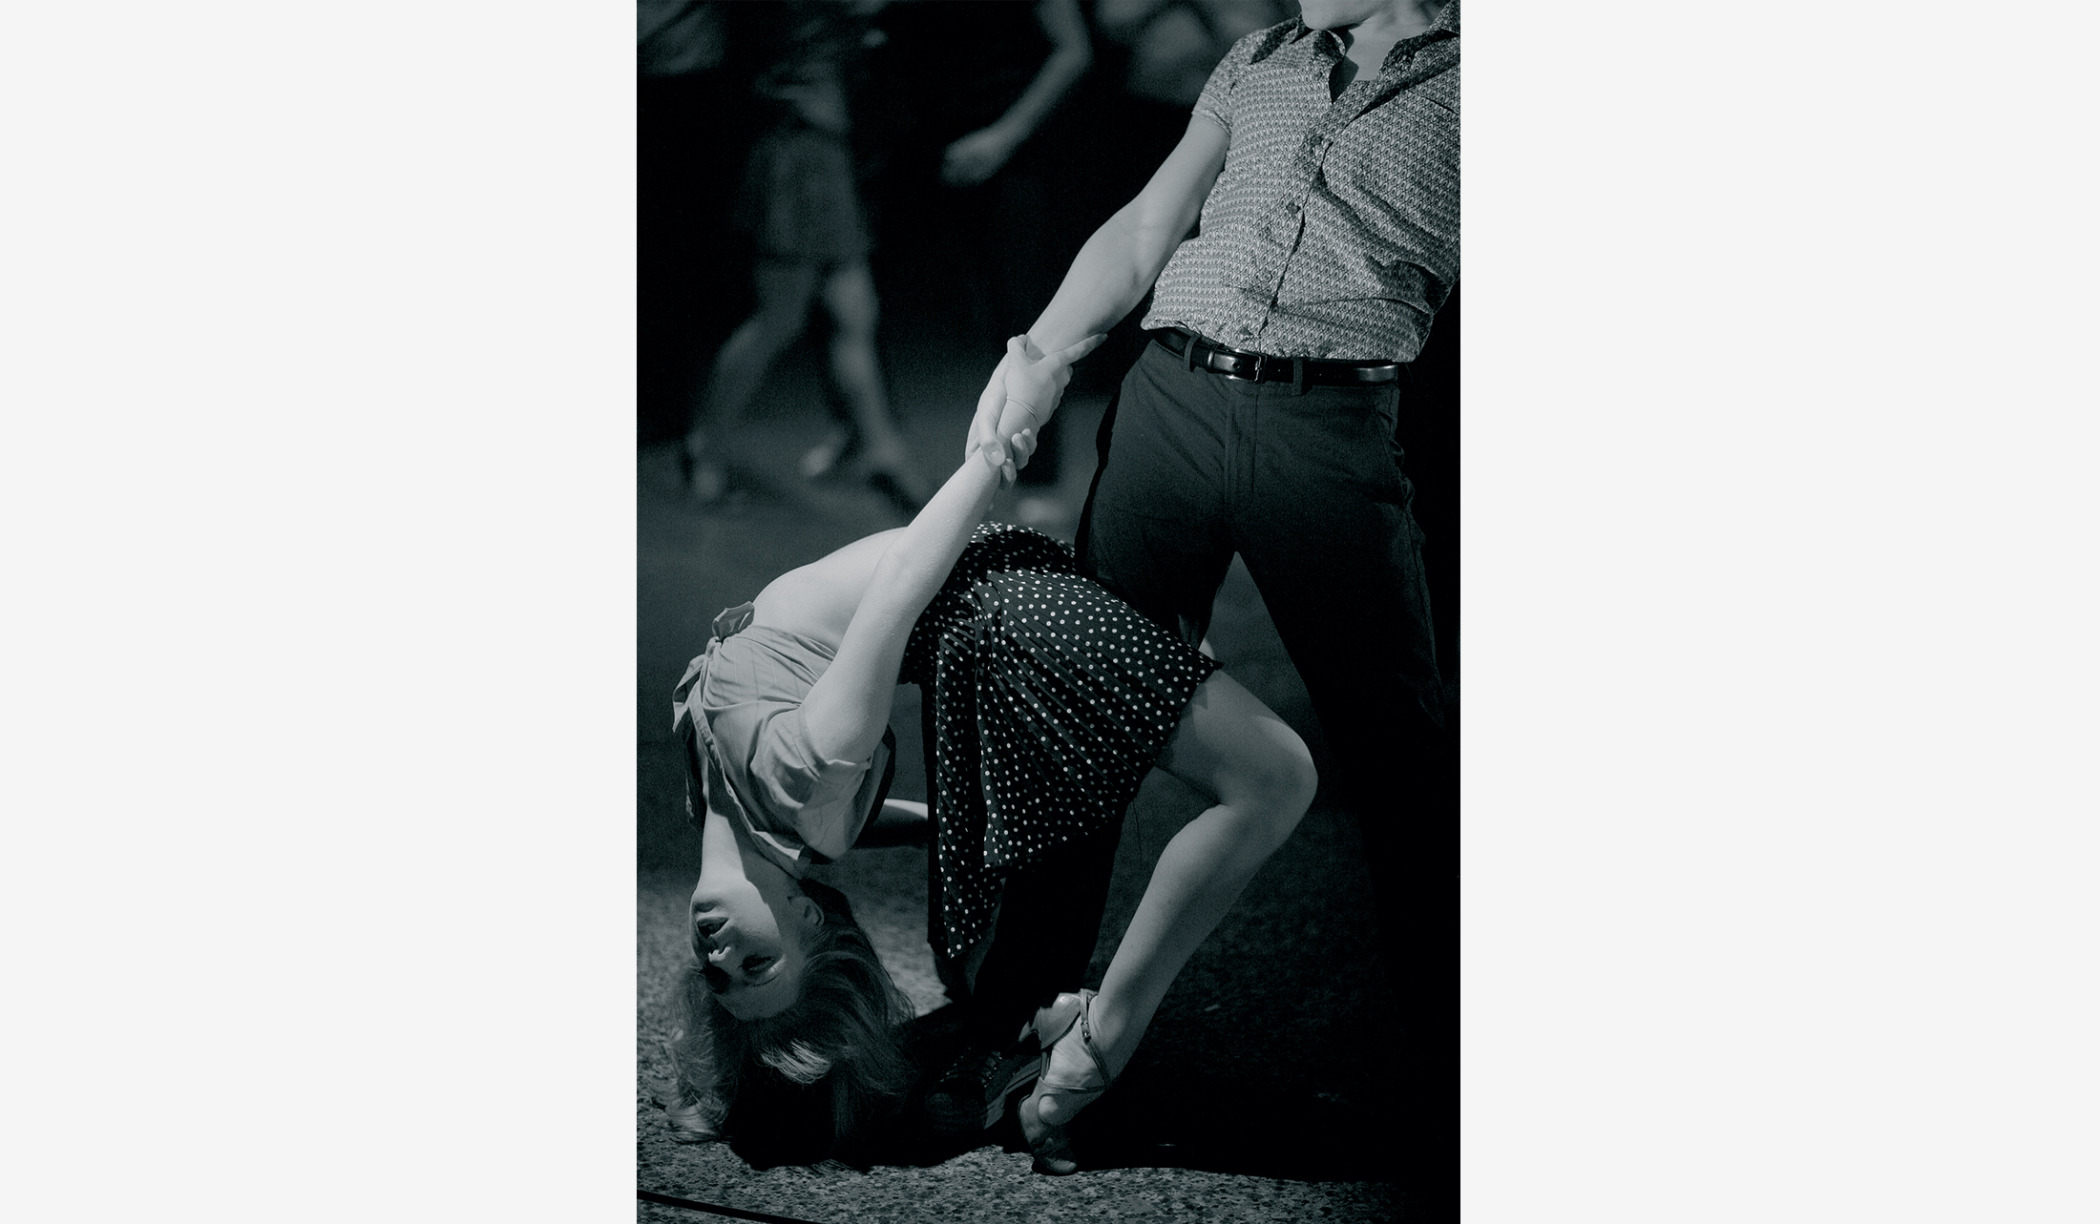 Photographer David Scheinmann